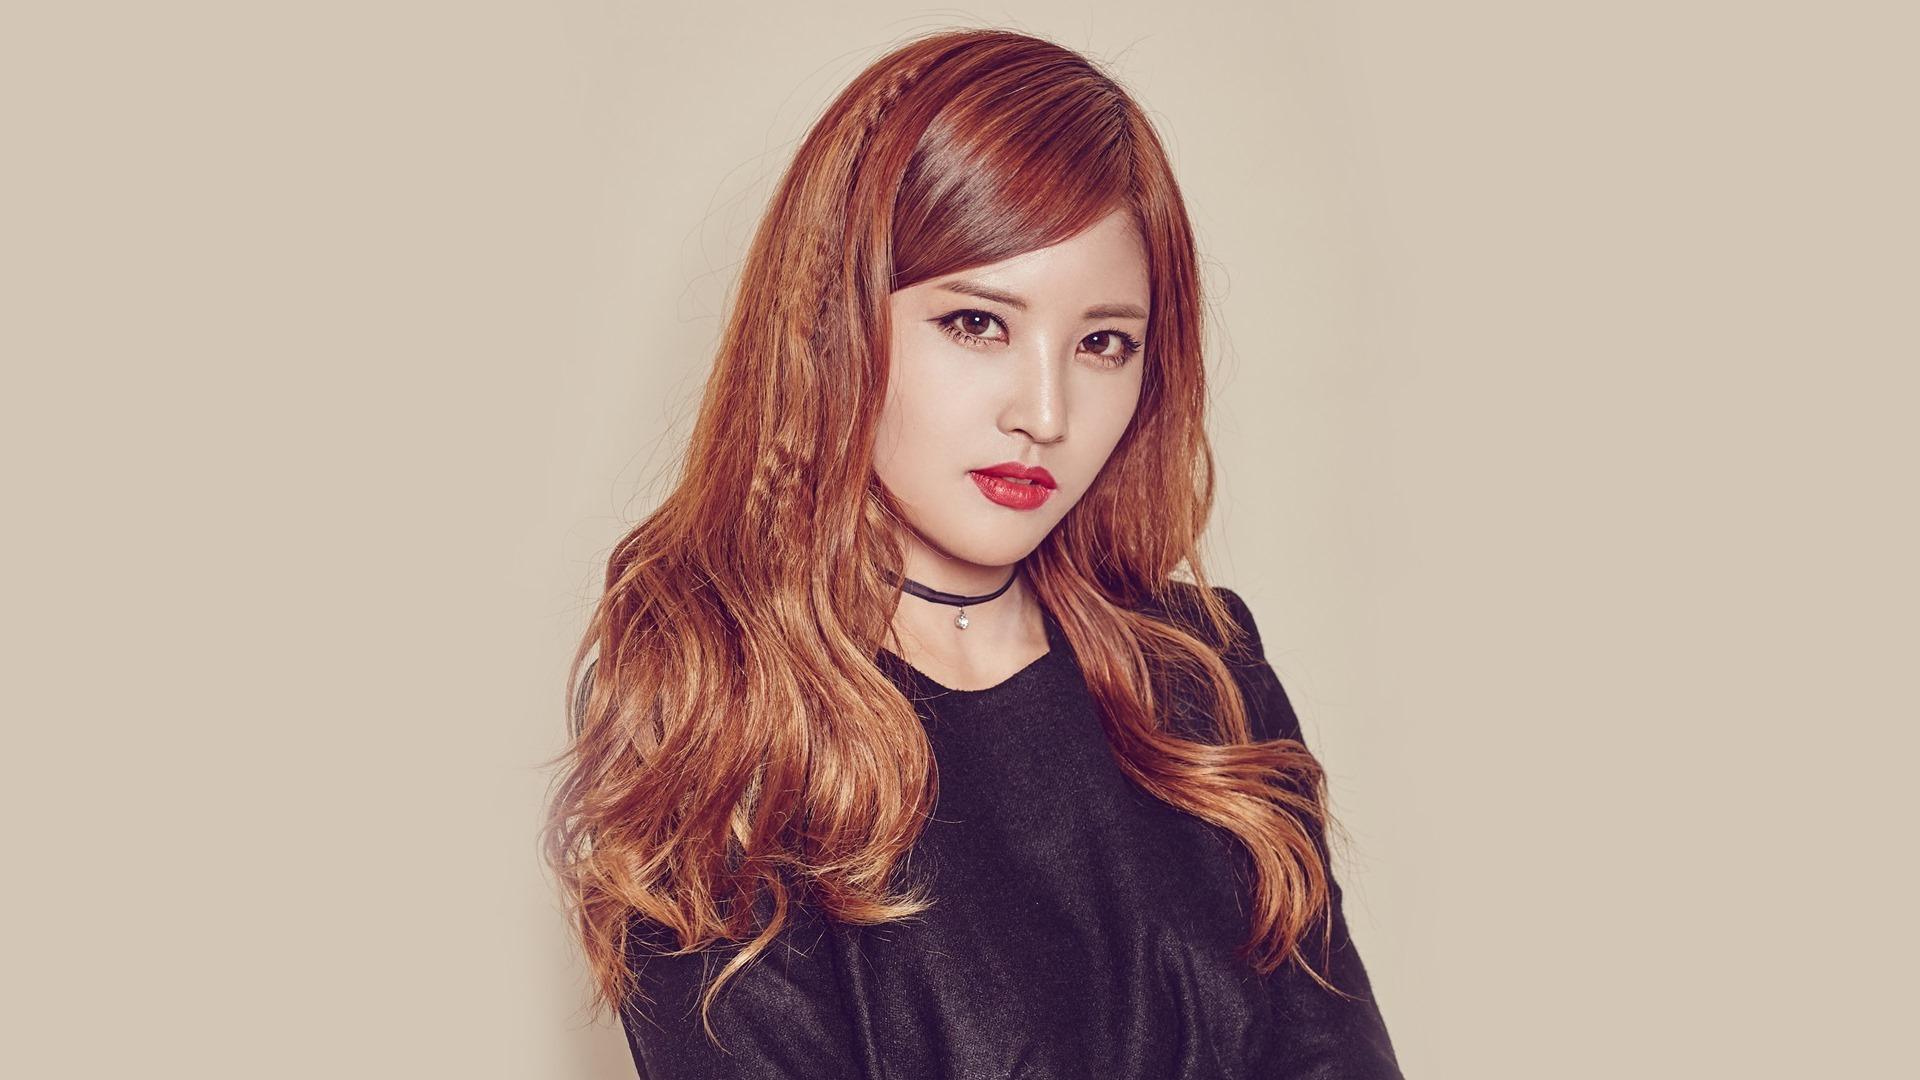 Tren-D Korean girls combination HD wallpapers #19